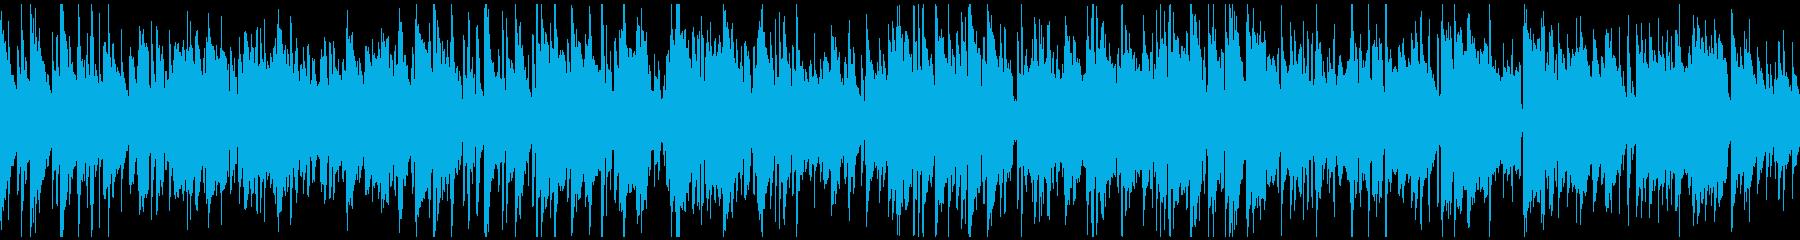 柔らか、リラックス・ボサノバ ※ループ版の再生済みの波形